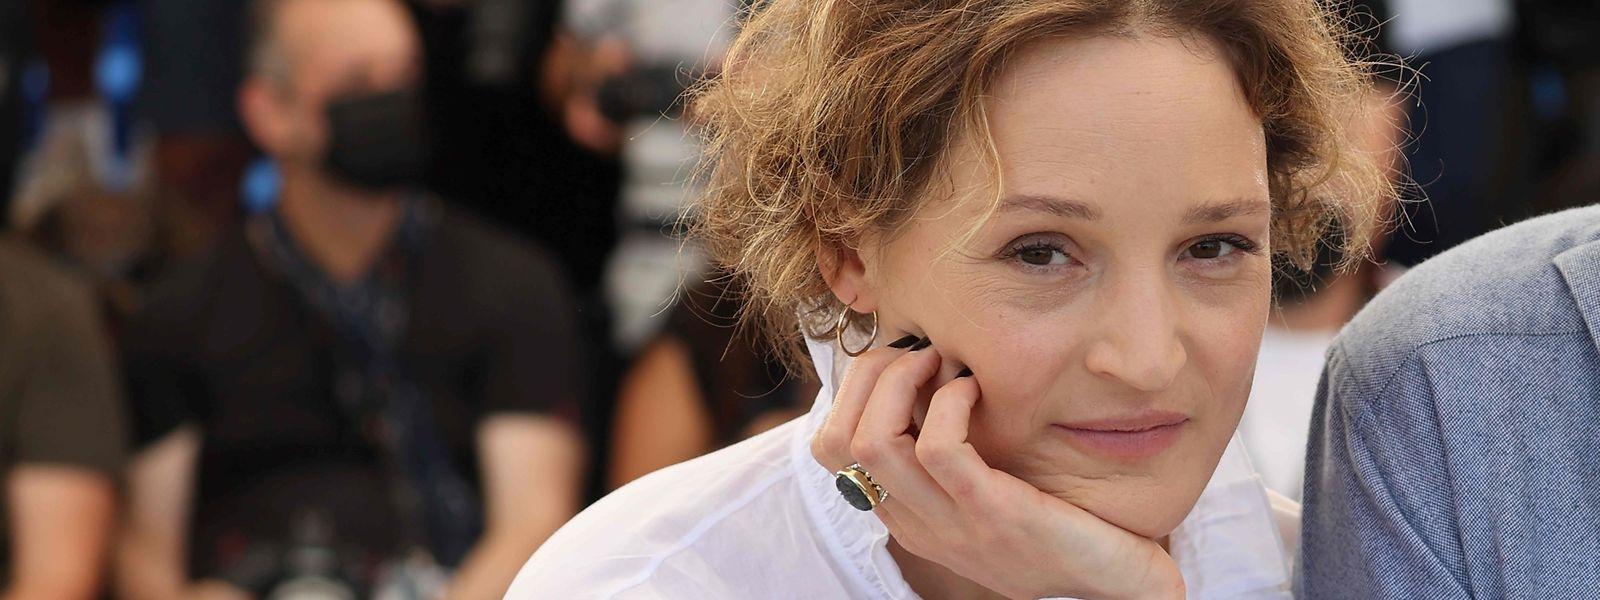 A Cannes, l'actrice présentait également «Hold me tight» («Serre-moi fort»), du réalisateur français Mathieu Amalric, projeté dans la section «Cannes Première».